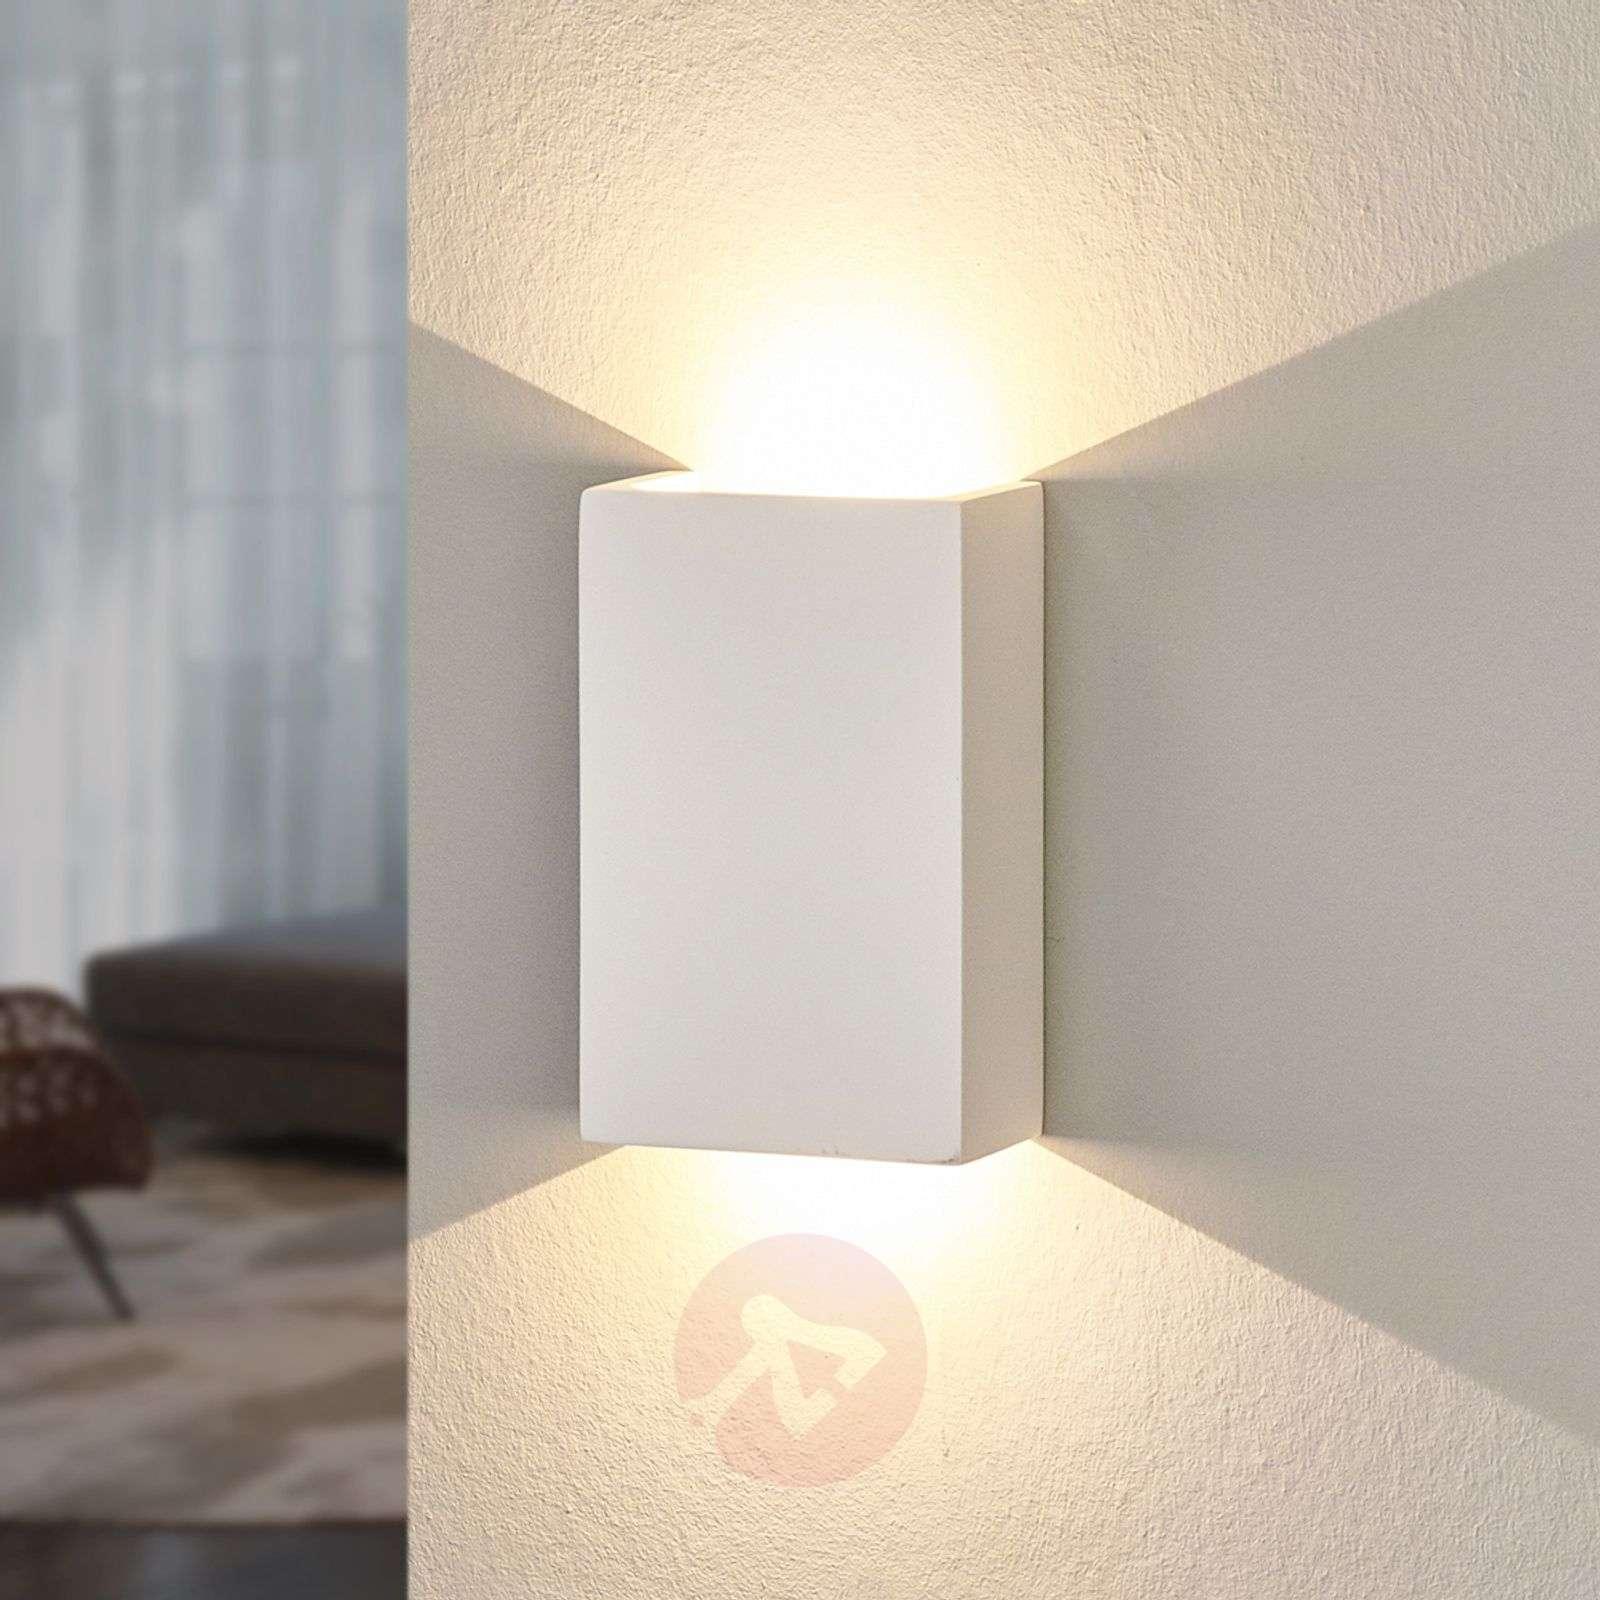 Maalattava LED-seinävalaisin Fabiola kipsistä-9613011-05